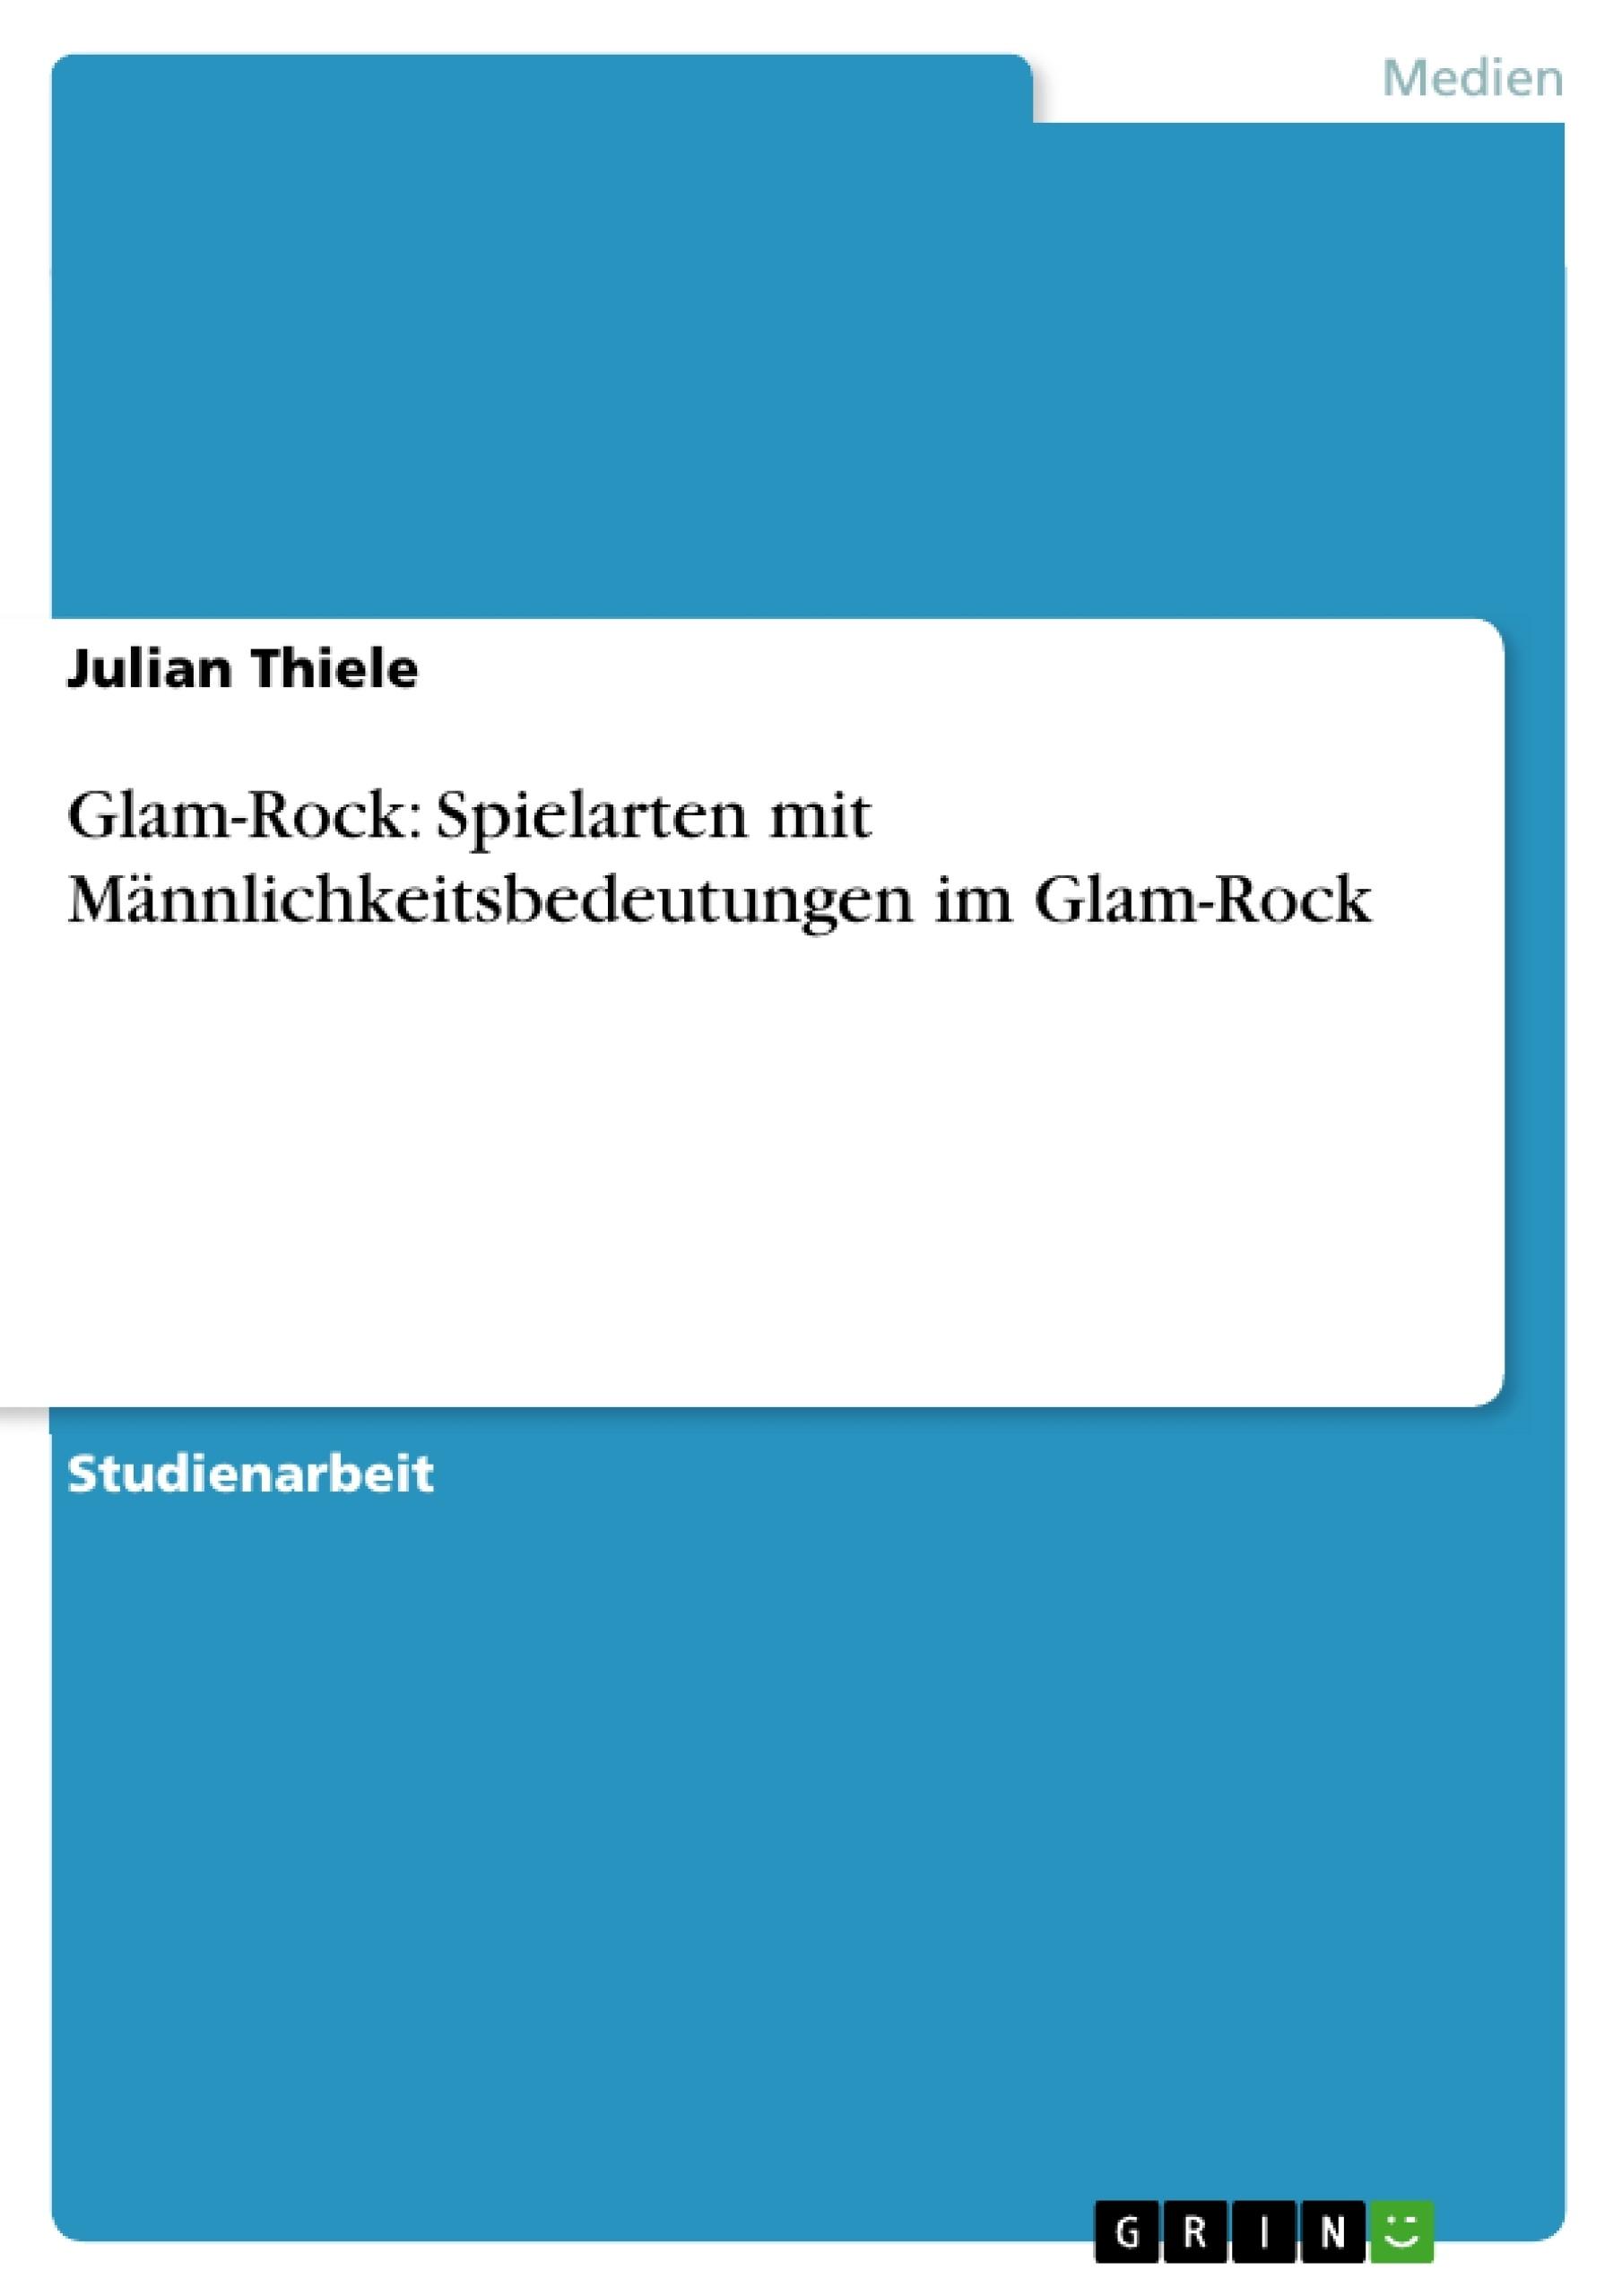 Titel: Glam-Rock: Spielarten mit Männlichkeitsbedeutungen im Glam-Rock